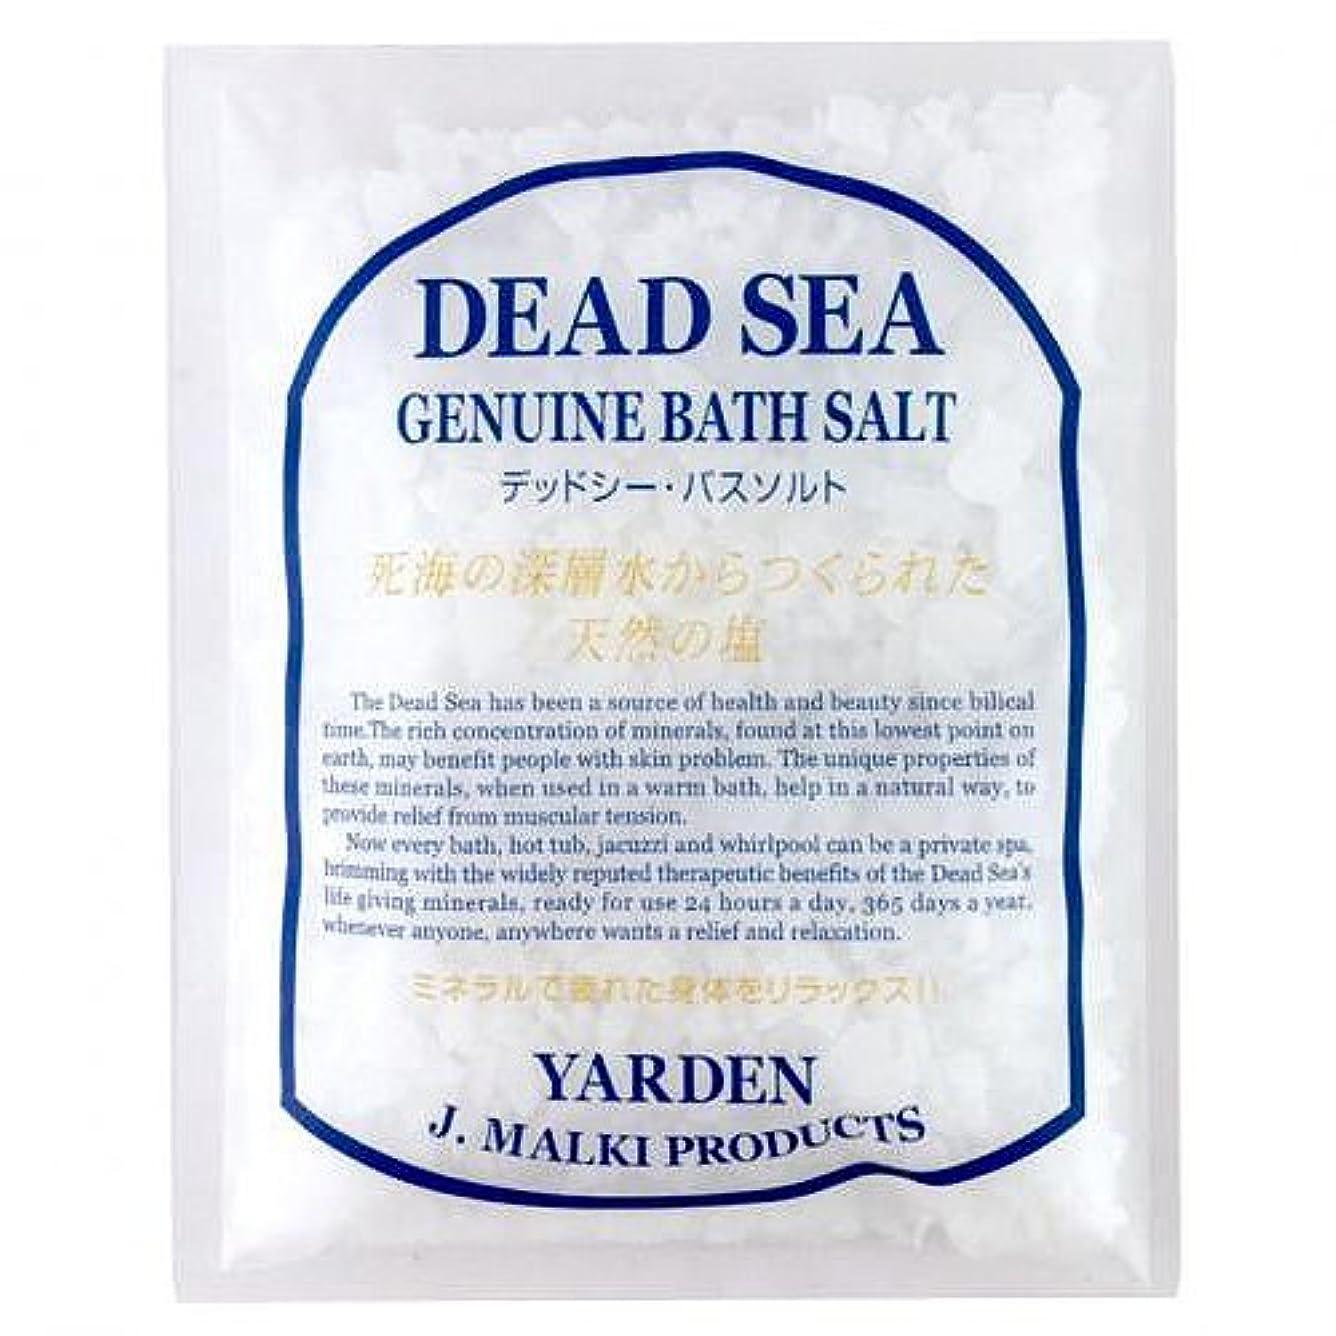 自信がある素晴らしさ忘れるデッドシー?バスソルト 100g 【DEAD SEA BATH SALT】死海の塩/入浴剤(入浴用化粧品)【正規販売店】